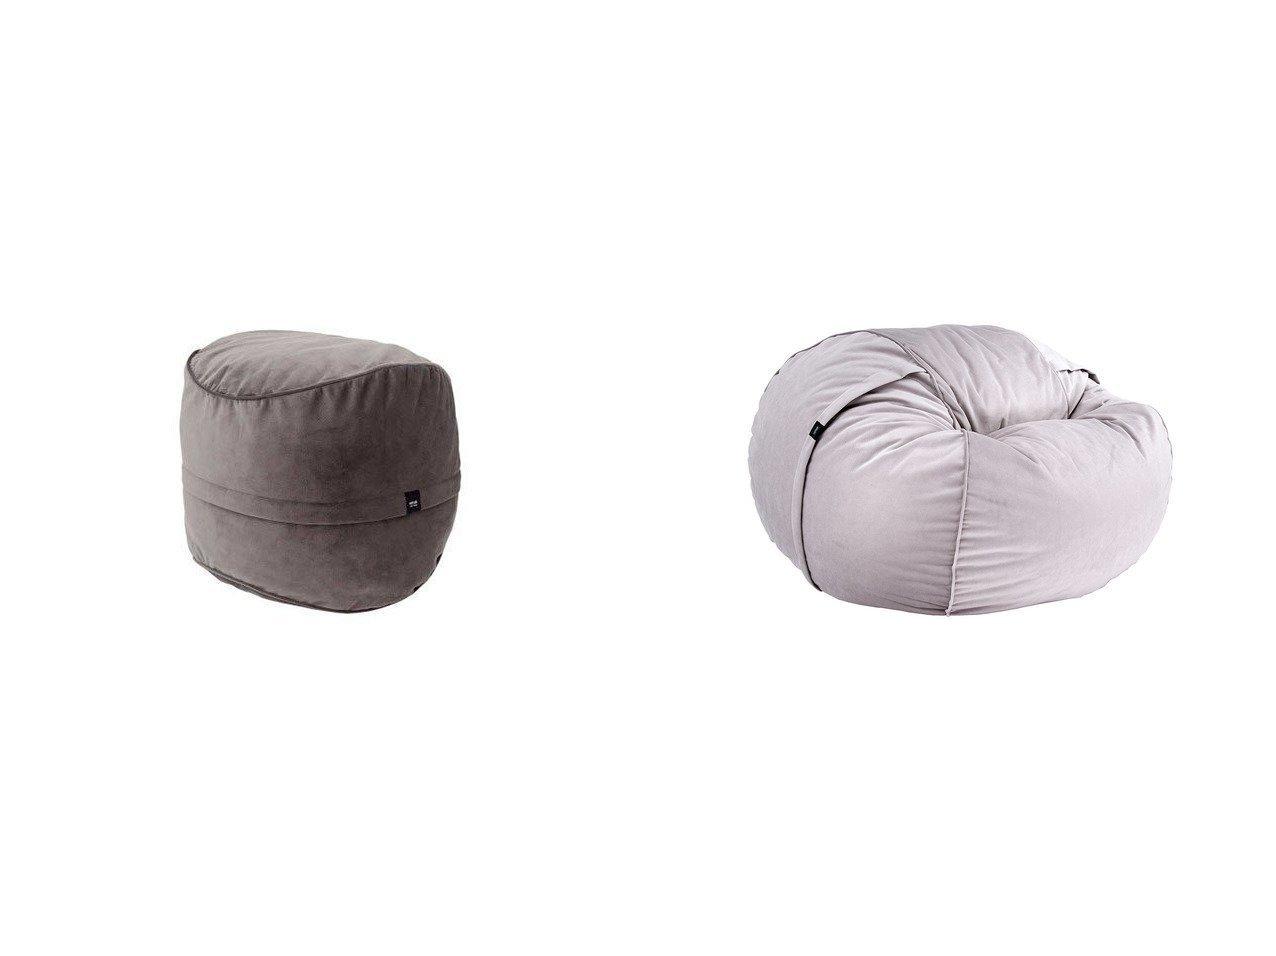 【vetsak/フェットサック】のフェットサック ミディアム&フットサック 【FURNITURE】おすすめ!人気、インテリア雑貨・家具の通販 おすすめで人気の流行・トレンド、ファッションの通販商品 インテリア・家具・メンズファッション・キッズファッション・レディースファッション・服の通販 founy(ファニー) https://founy.com/ 送料無料 Free Shipping クッション フォーム ラグジュアリー リラックス  ID:crp329100000055673